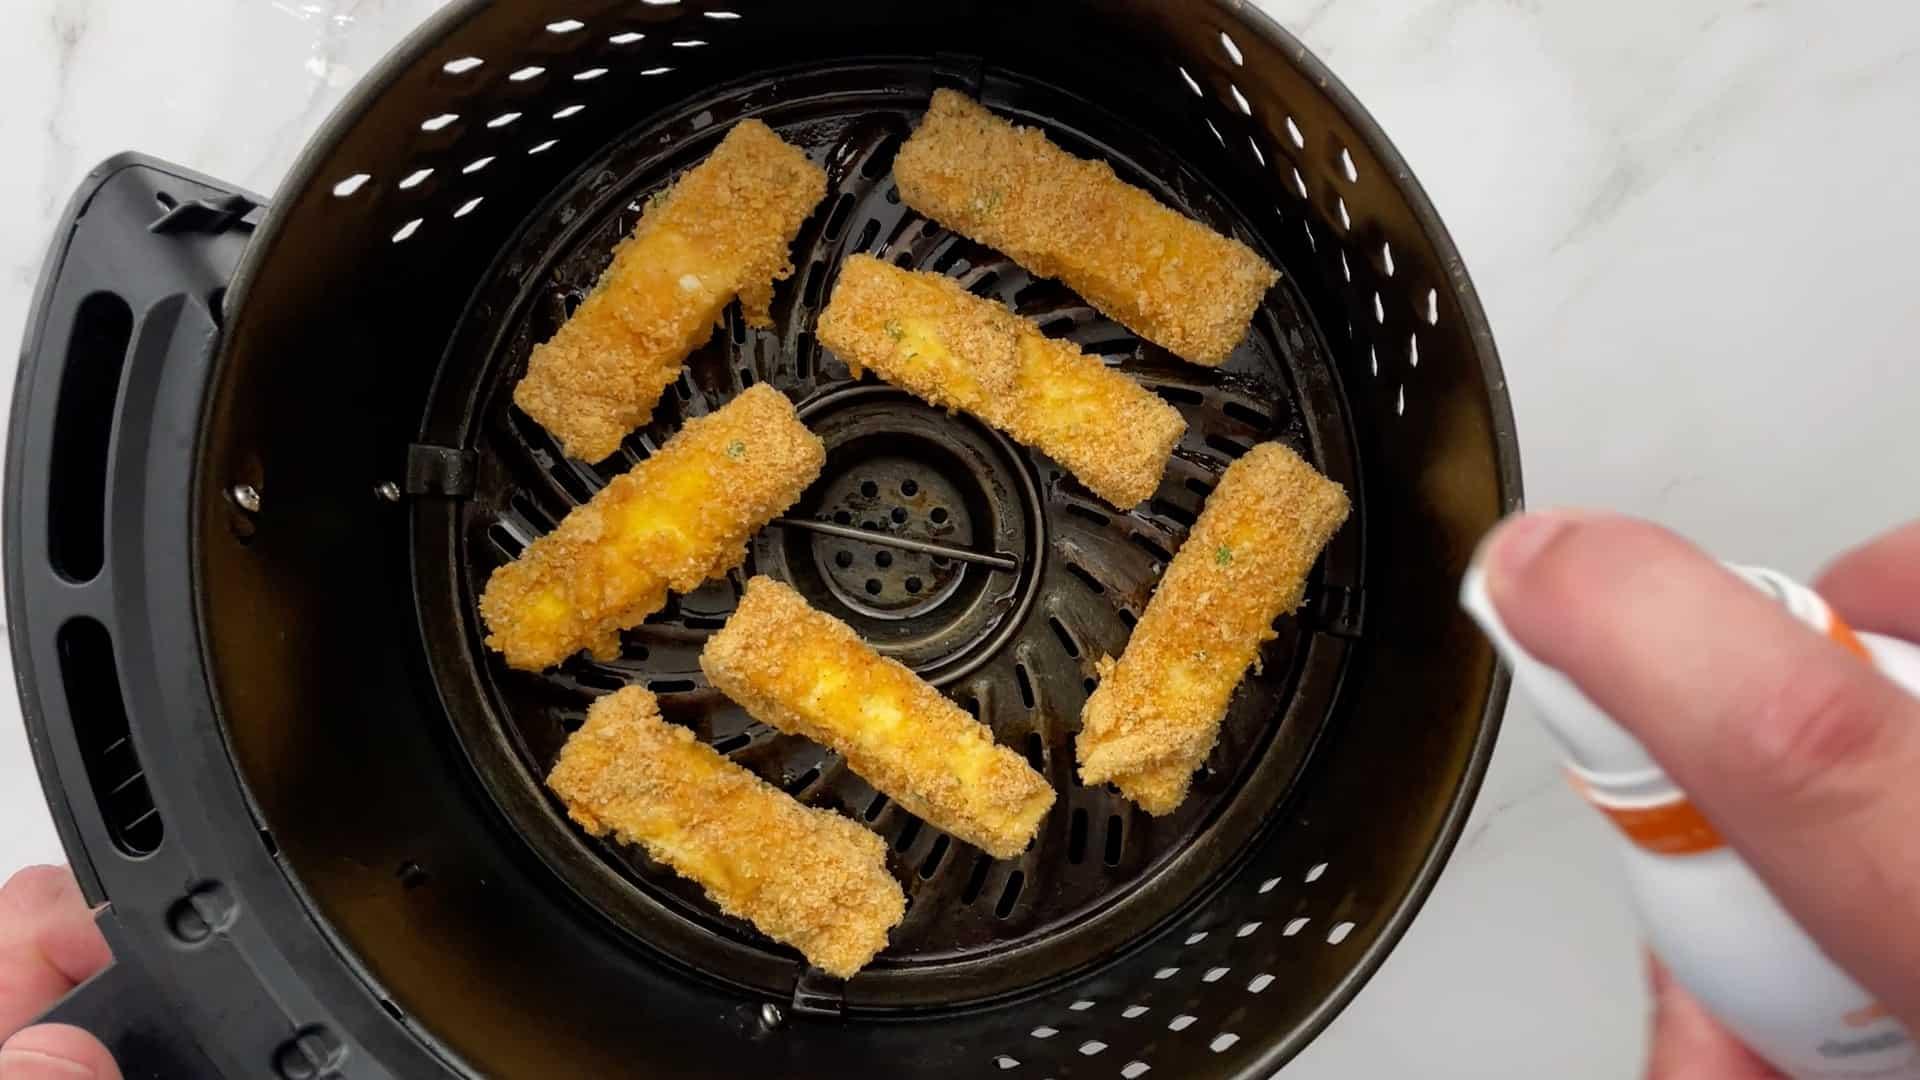 mozzarella sticks in air fryer basket